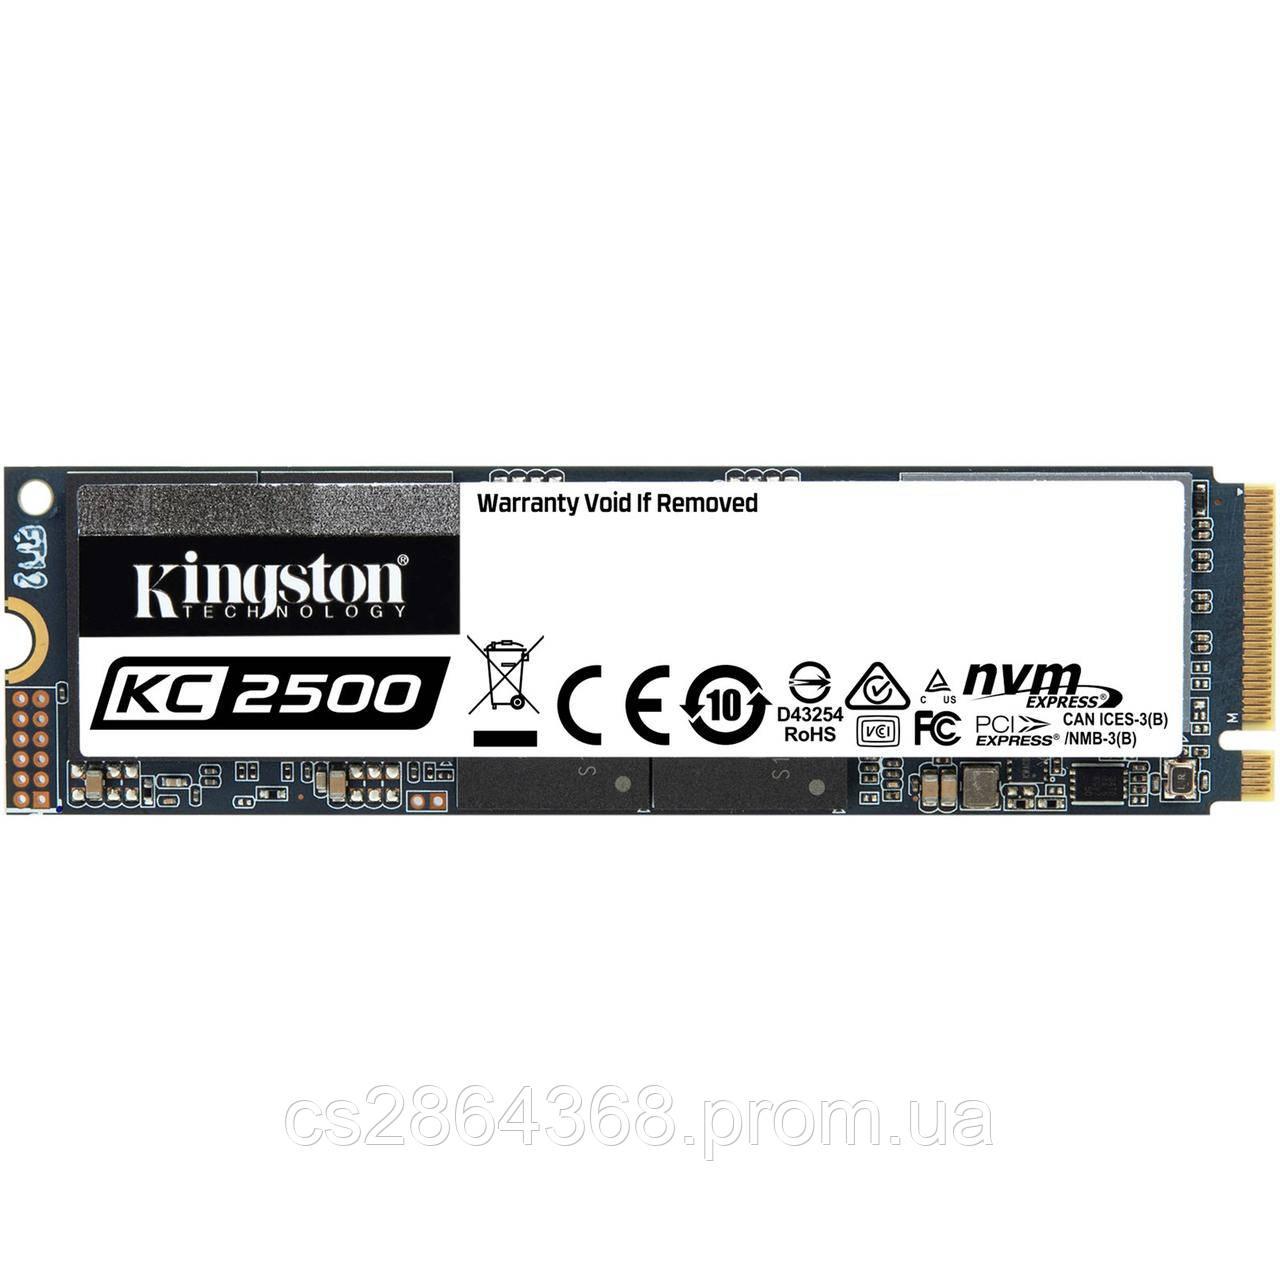 Накопичувач SSD Kingston KC2500 1TB M.2 2280 PCI Express 3.0x4 3D NAND TLC (SKC2500M8/1000G)